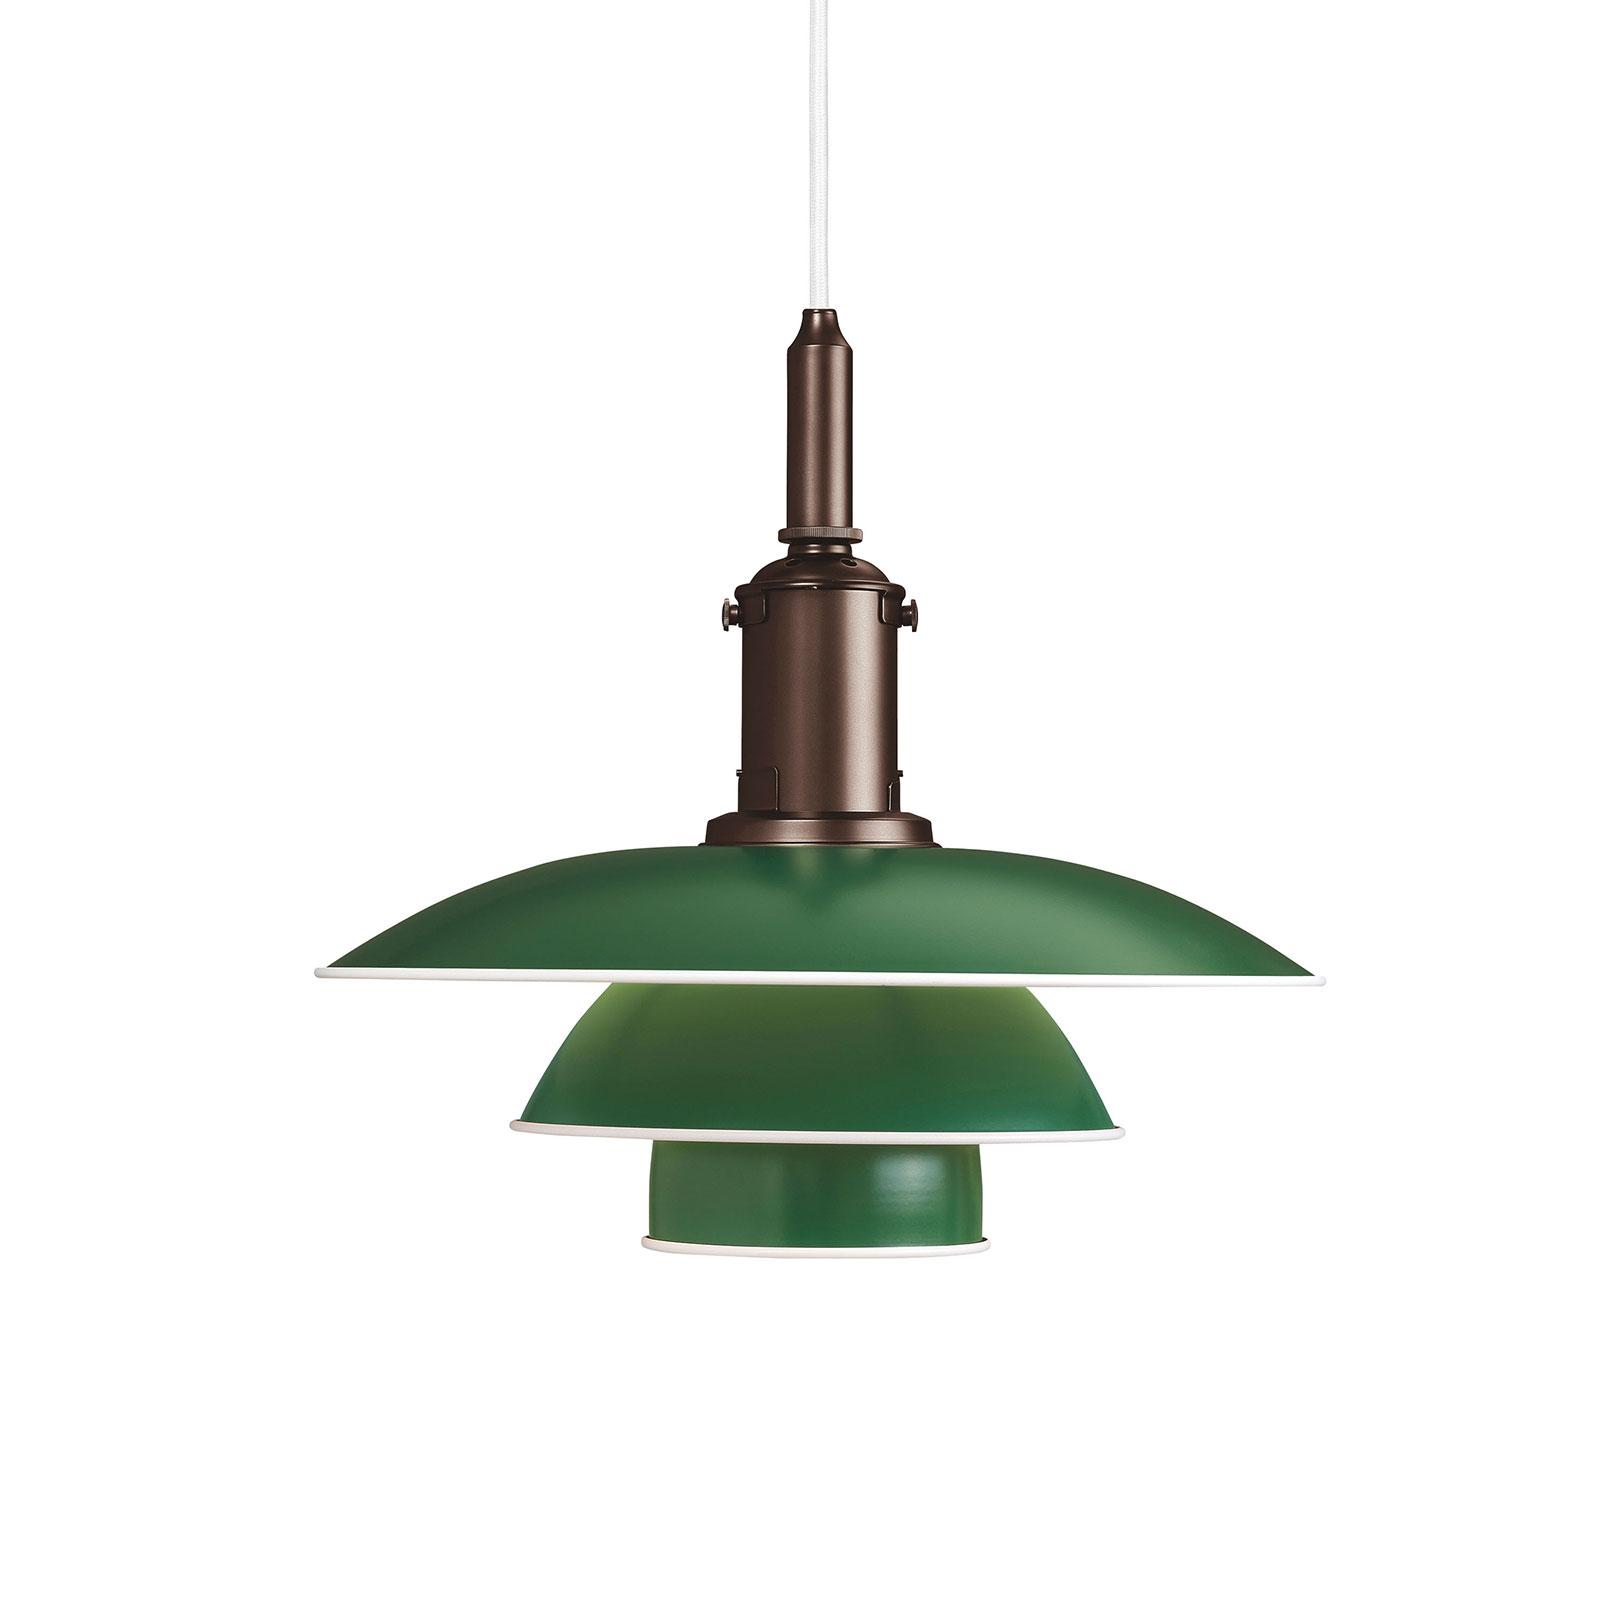 Louis Poulsen PH 3 1/2-3 Hängelampe kupfer/grün